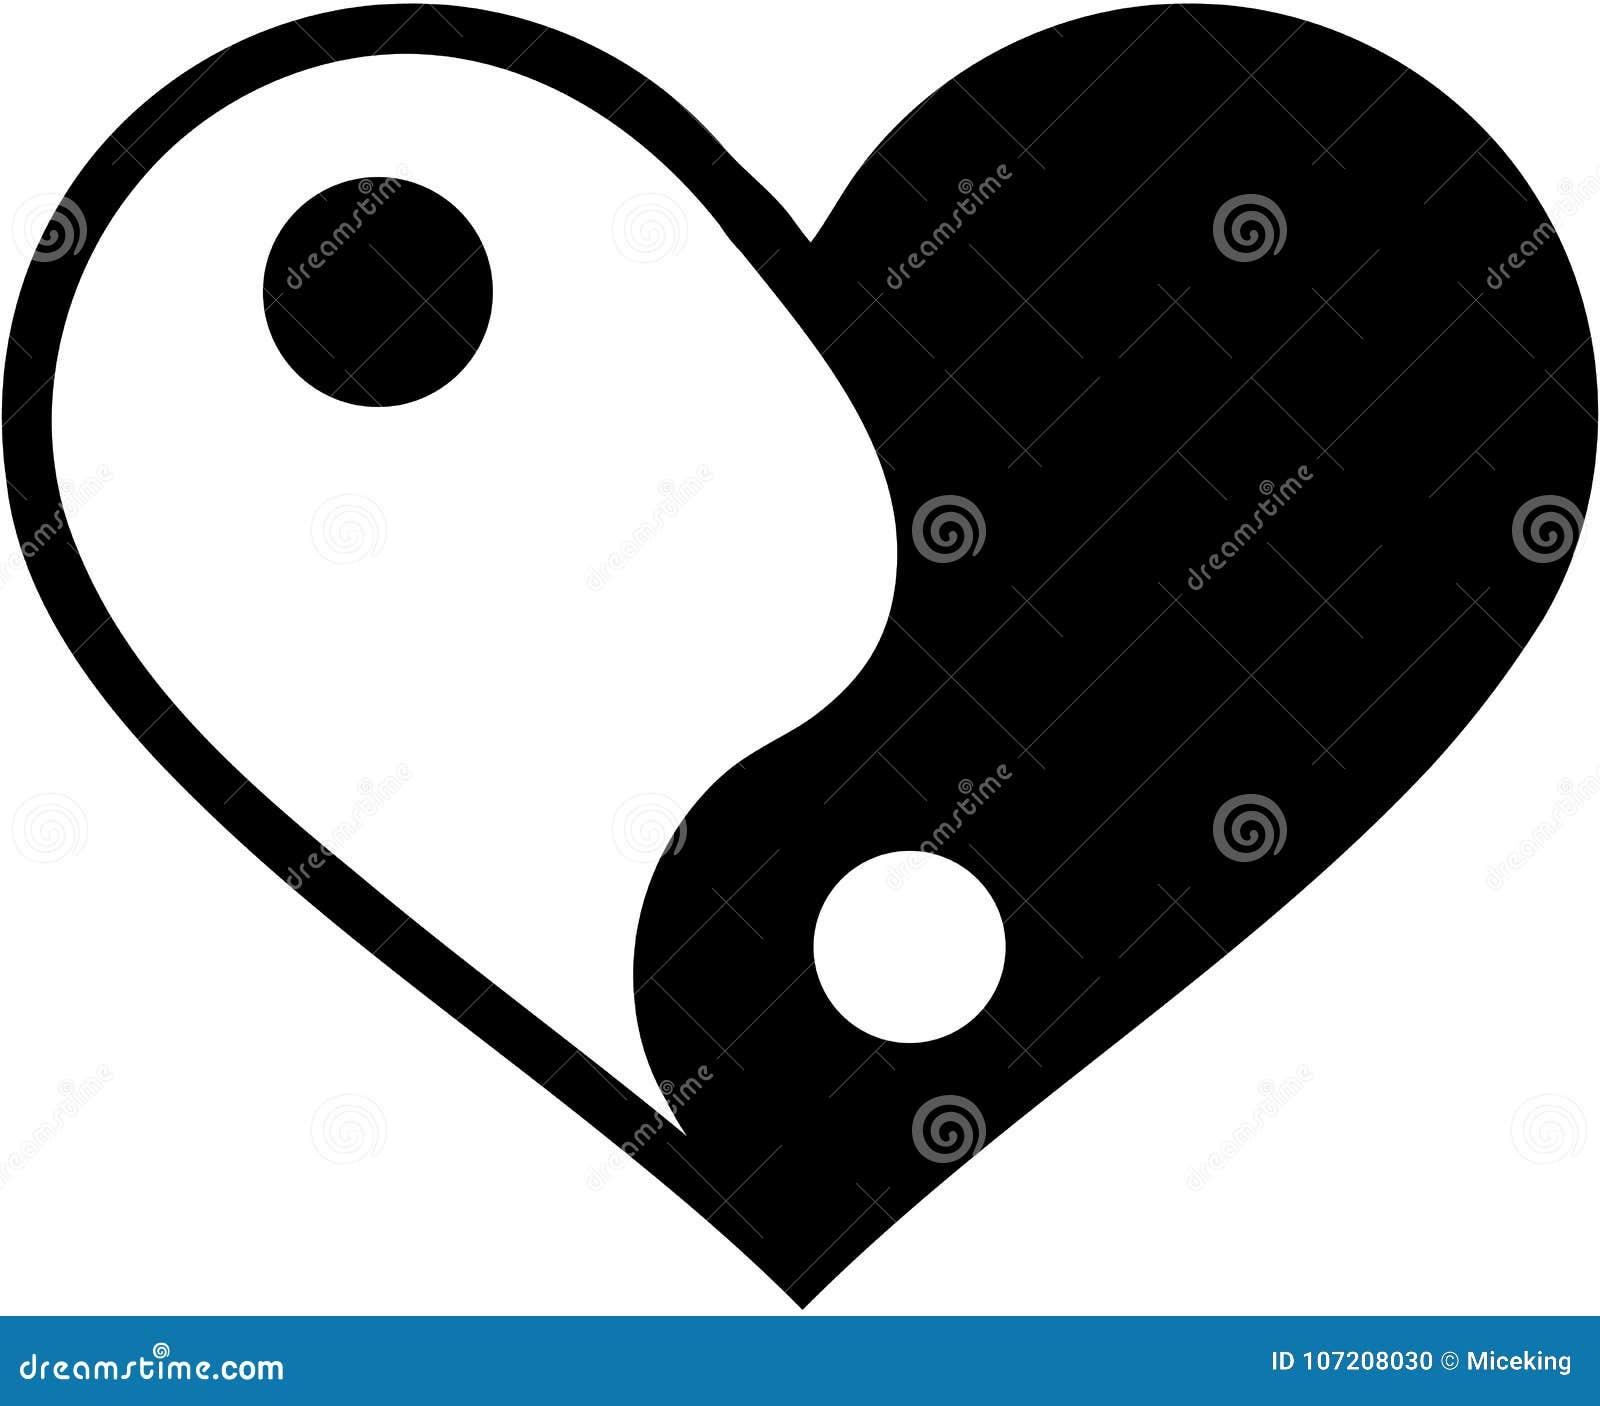 Yin yan heart